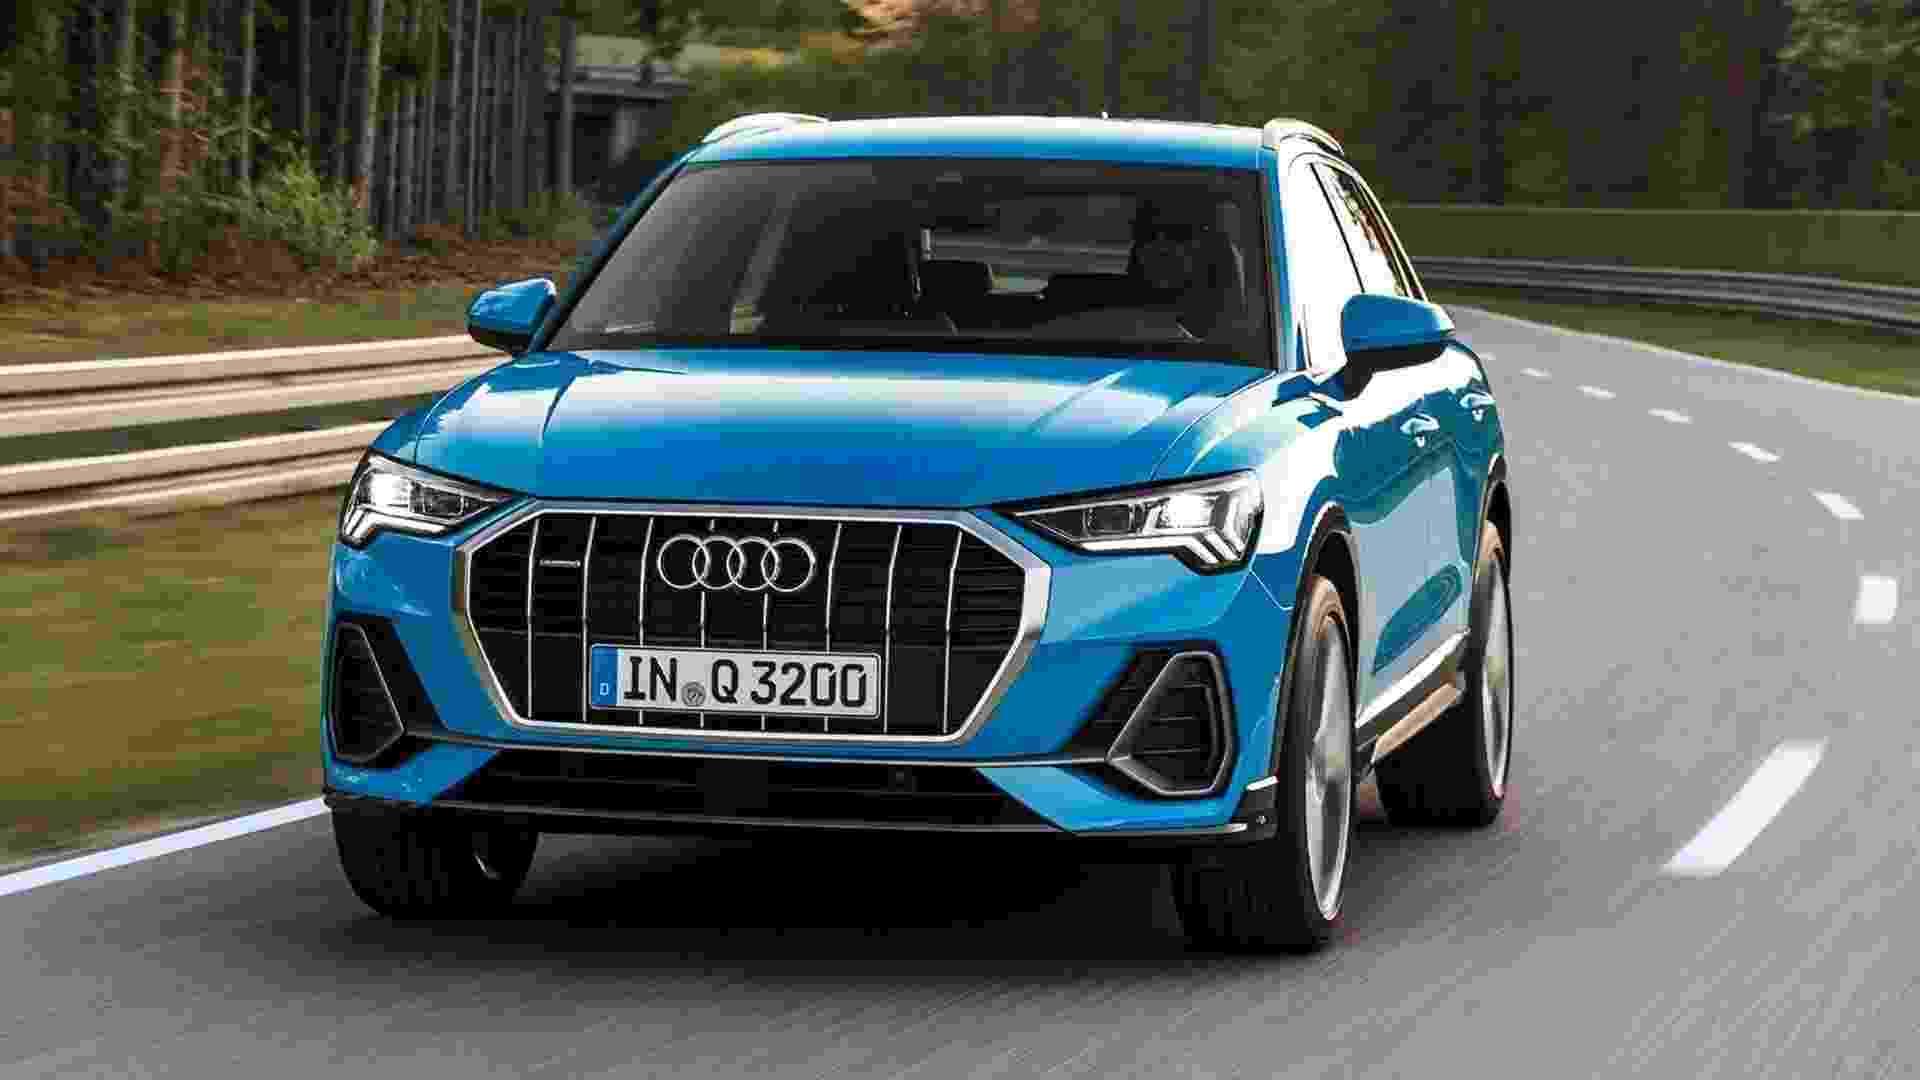 Audi Q3 segunda geração - Divulgação